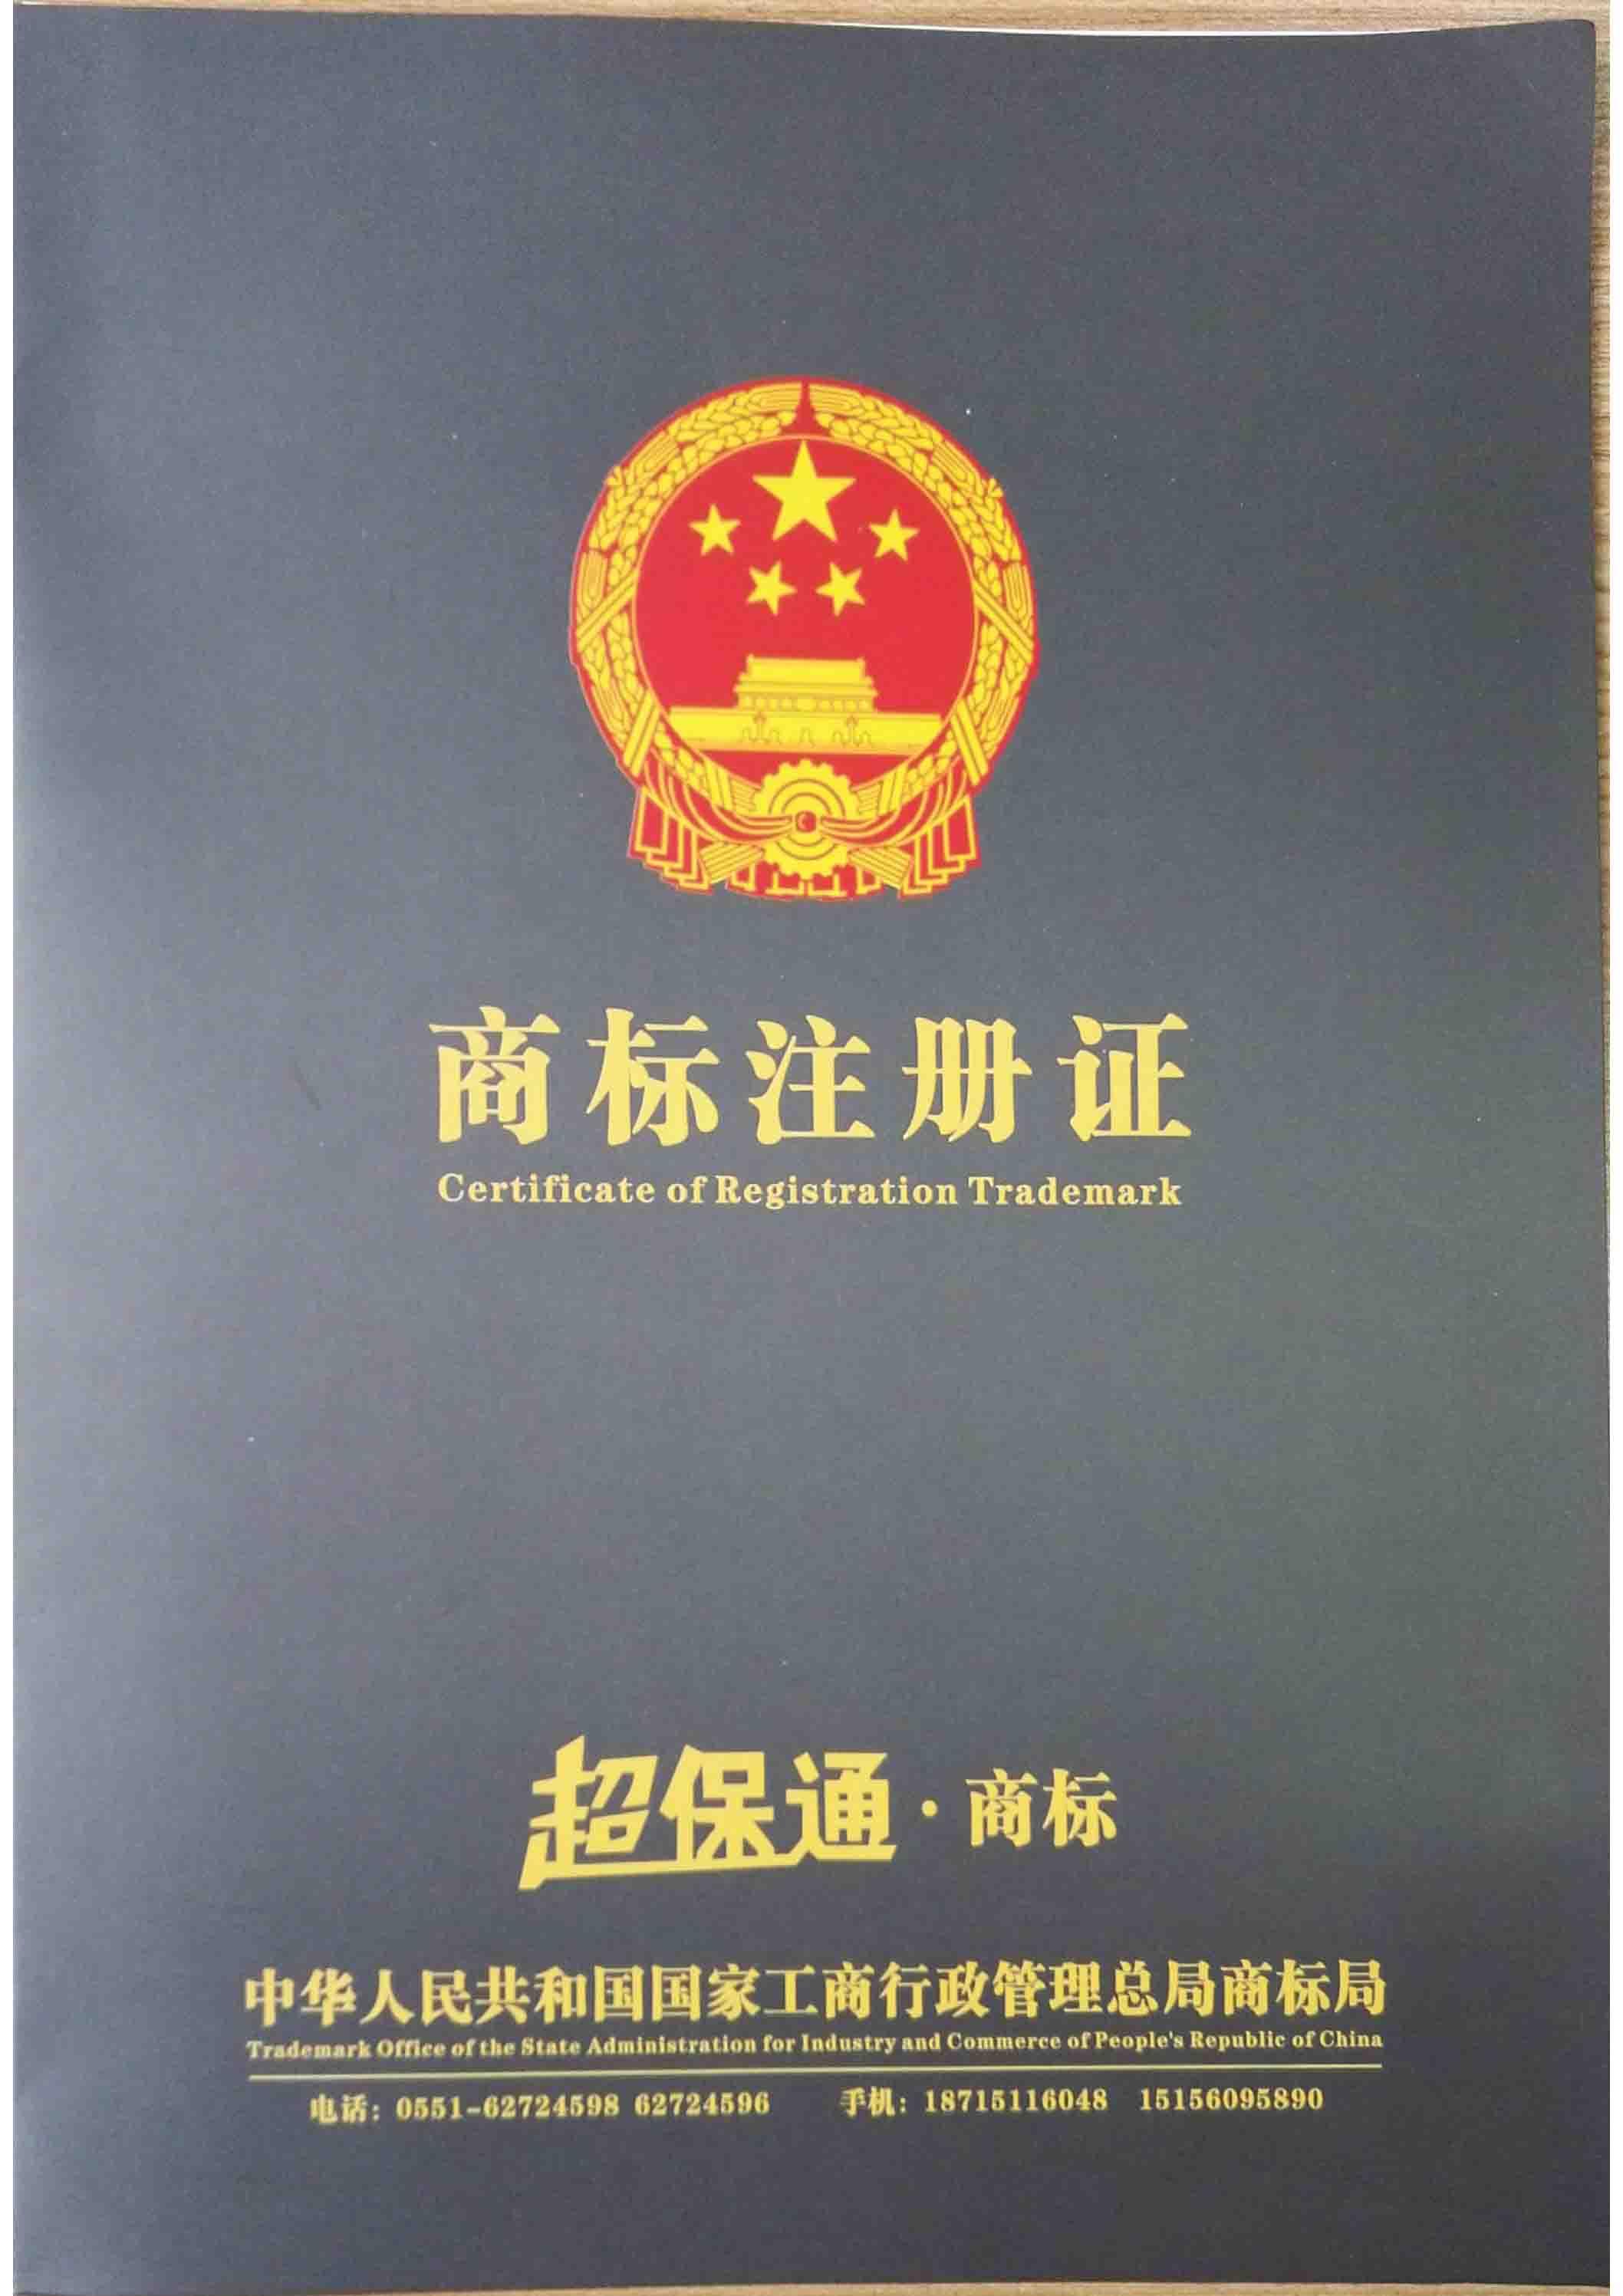 龙8国际登录商标注册